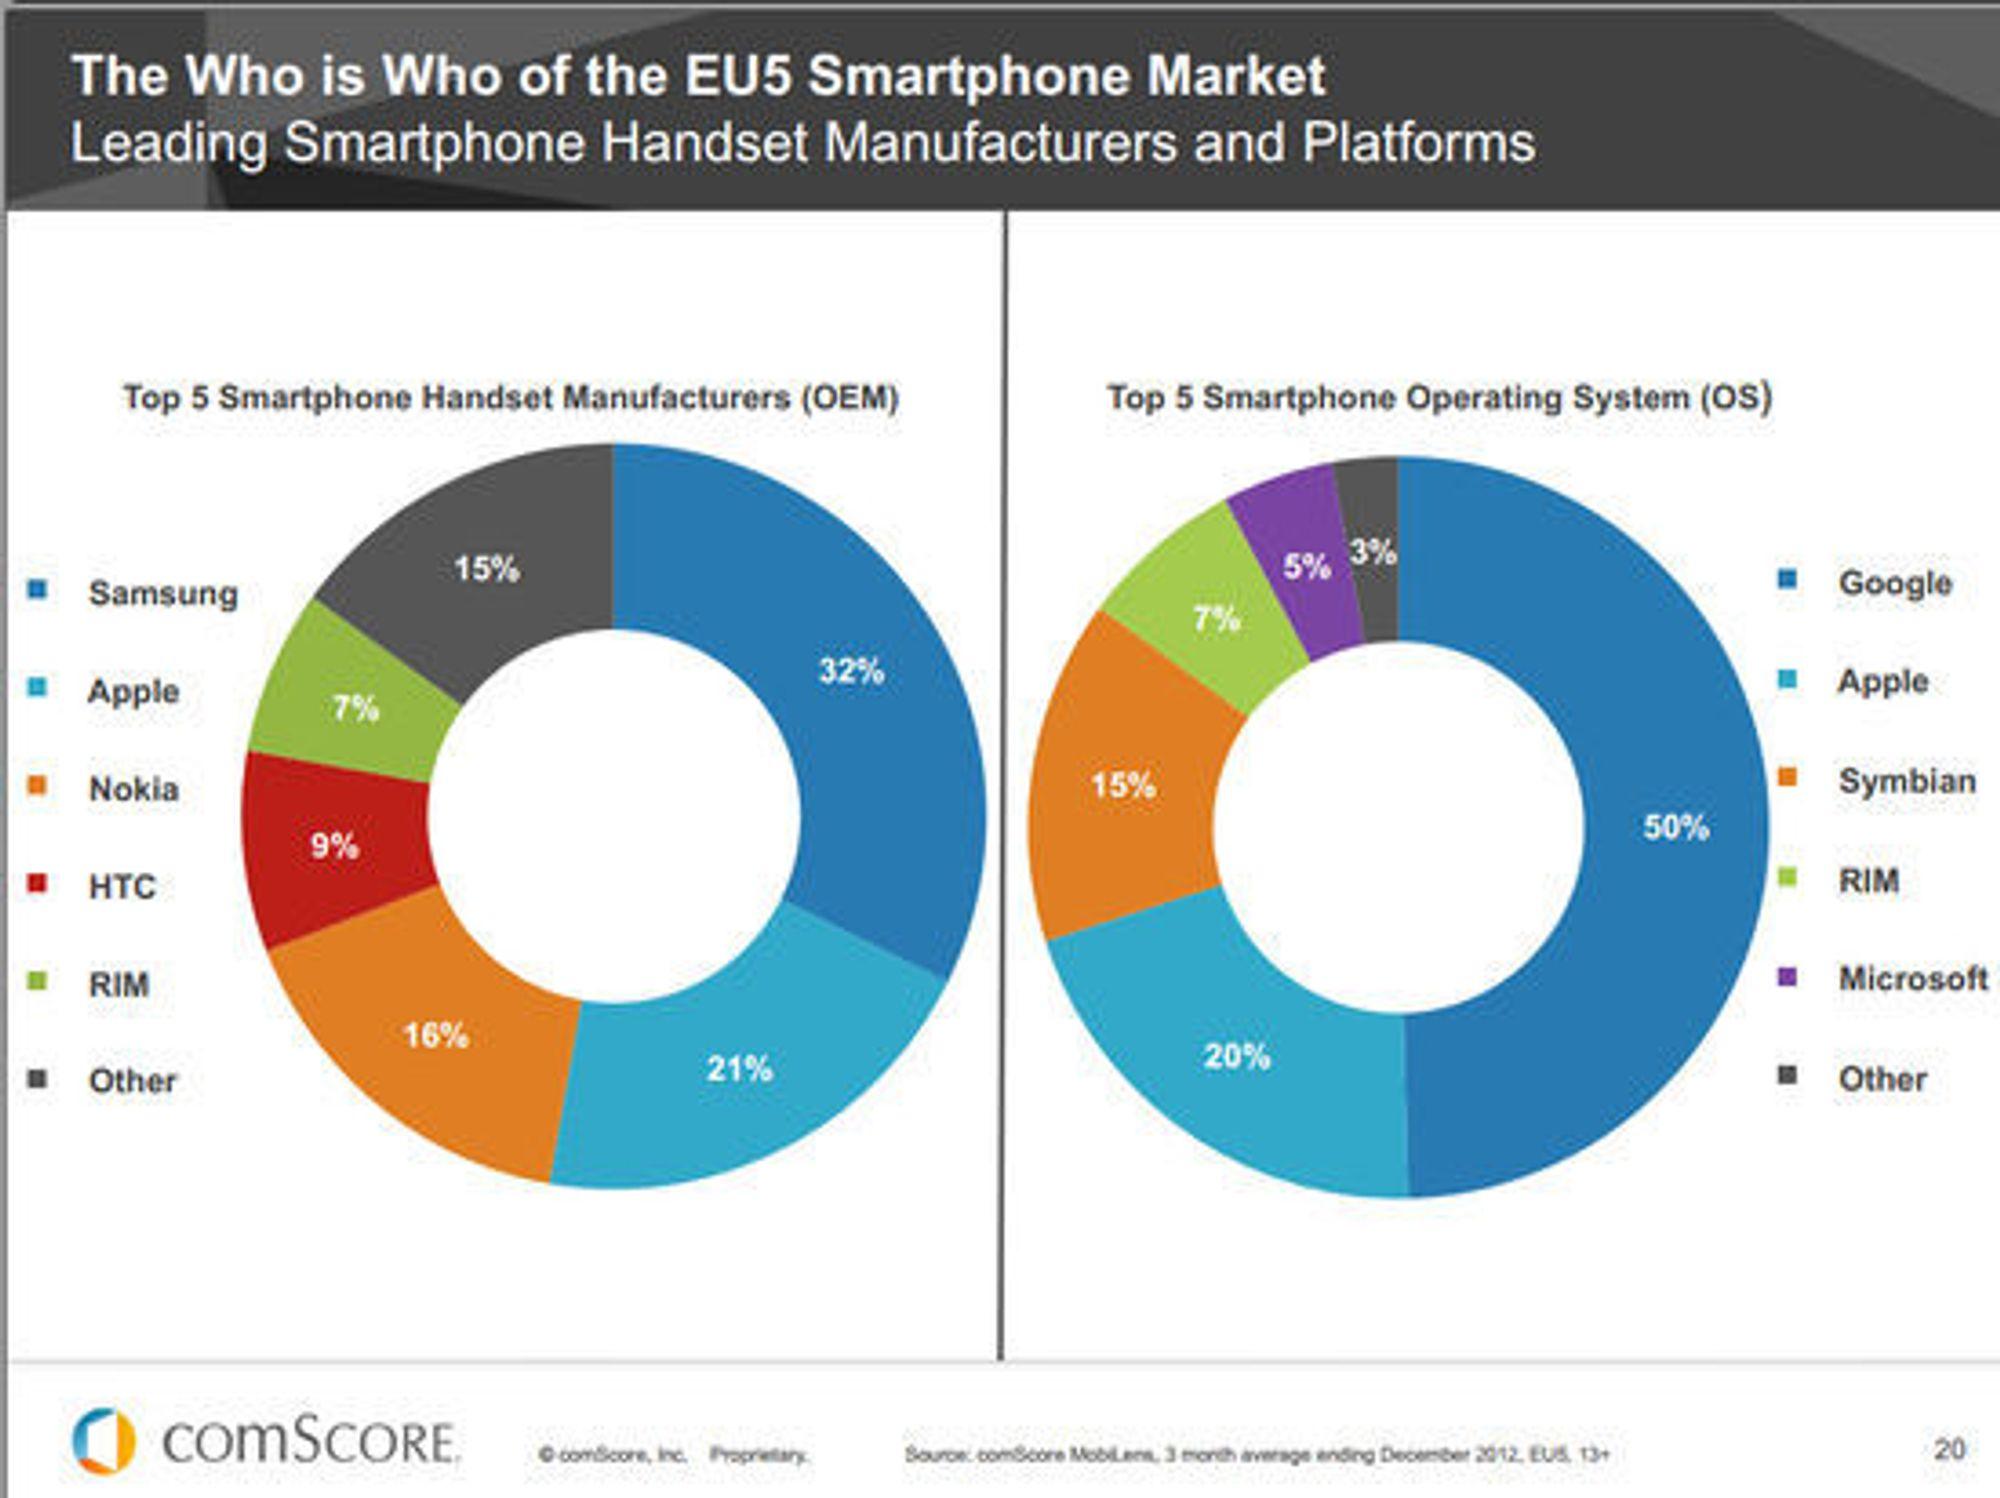 Smartmobilprodusentene og -plattformene som er mest utbredt i de fem største landene i EU.